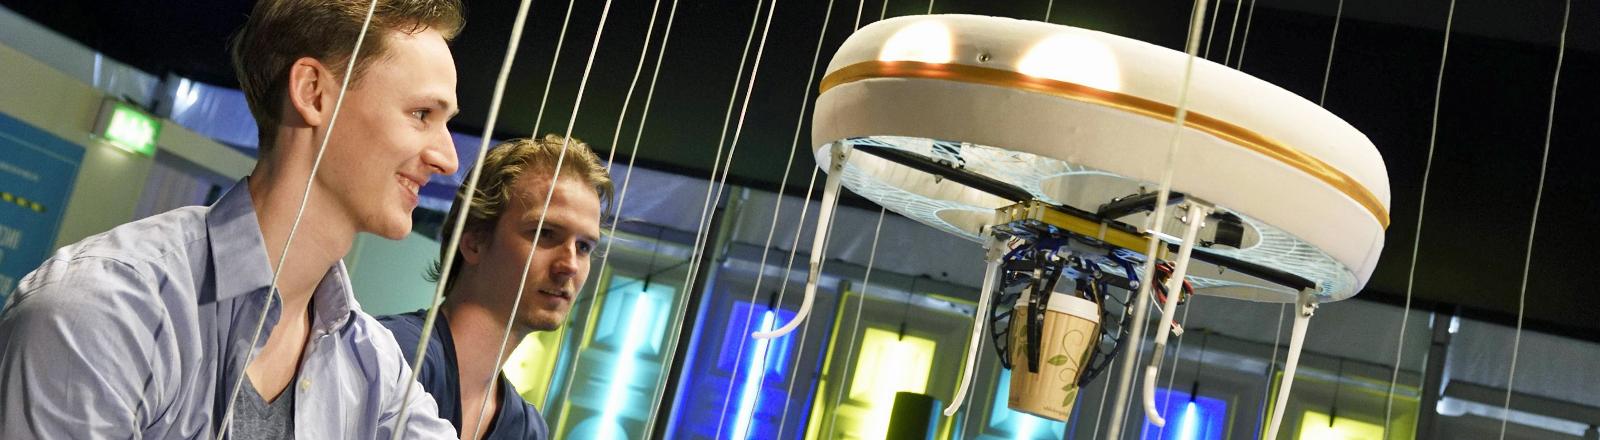 Zwei junge Männer bekommen ihren Kaffee von einer Drohne in Eindhoven serviert.